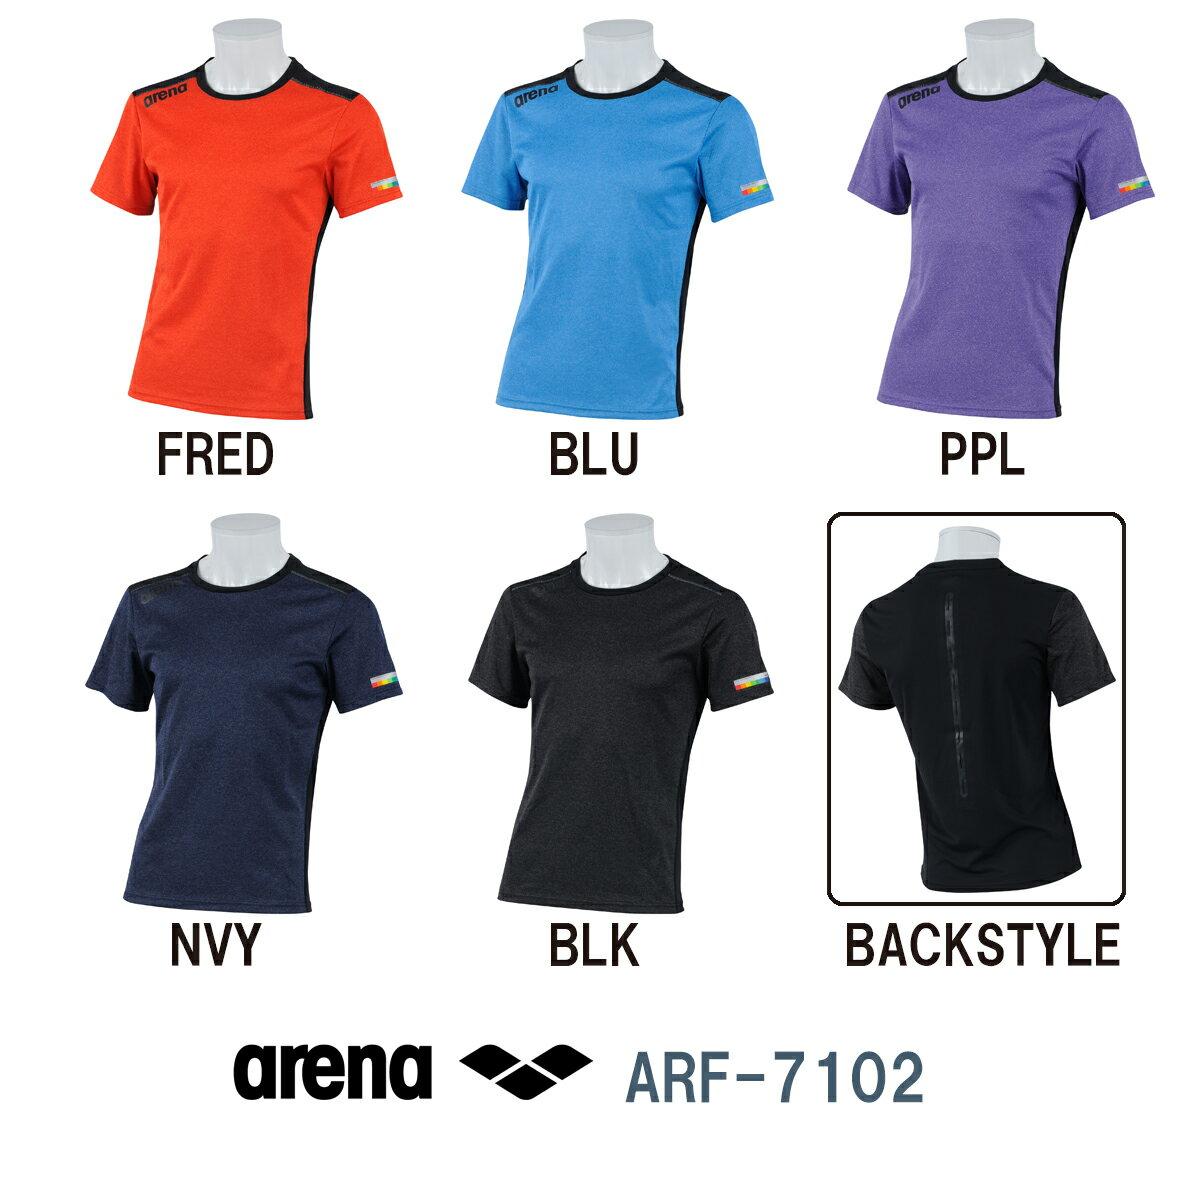 ARENA アリーナ Tシャツ メガテックドライ テクニスタスムース 2017年FWモデル ARF-7102-HK